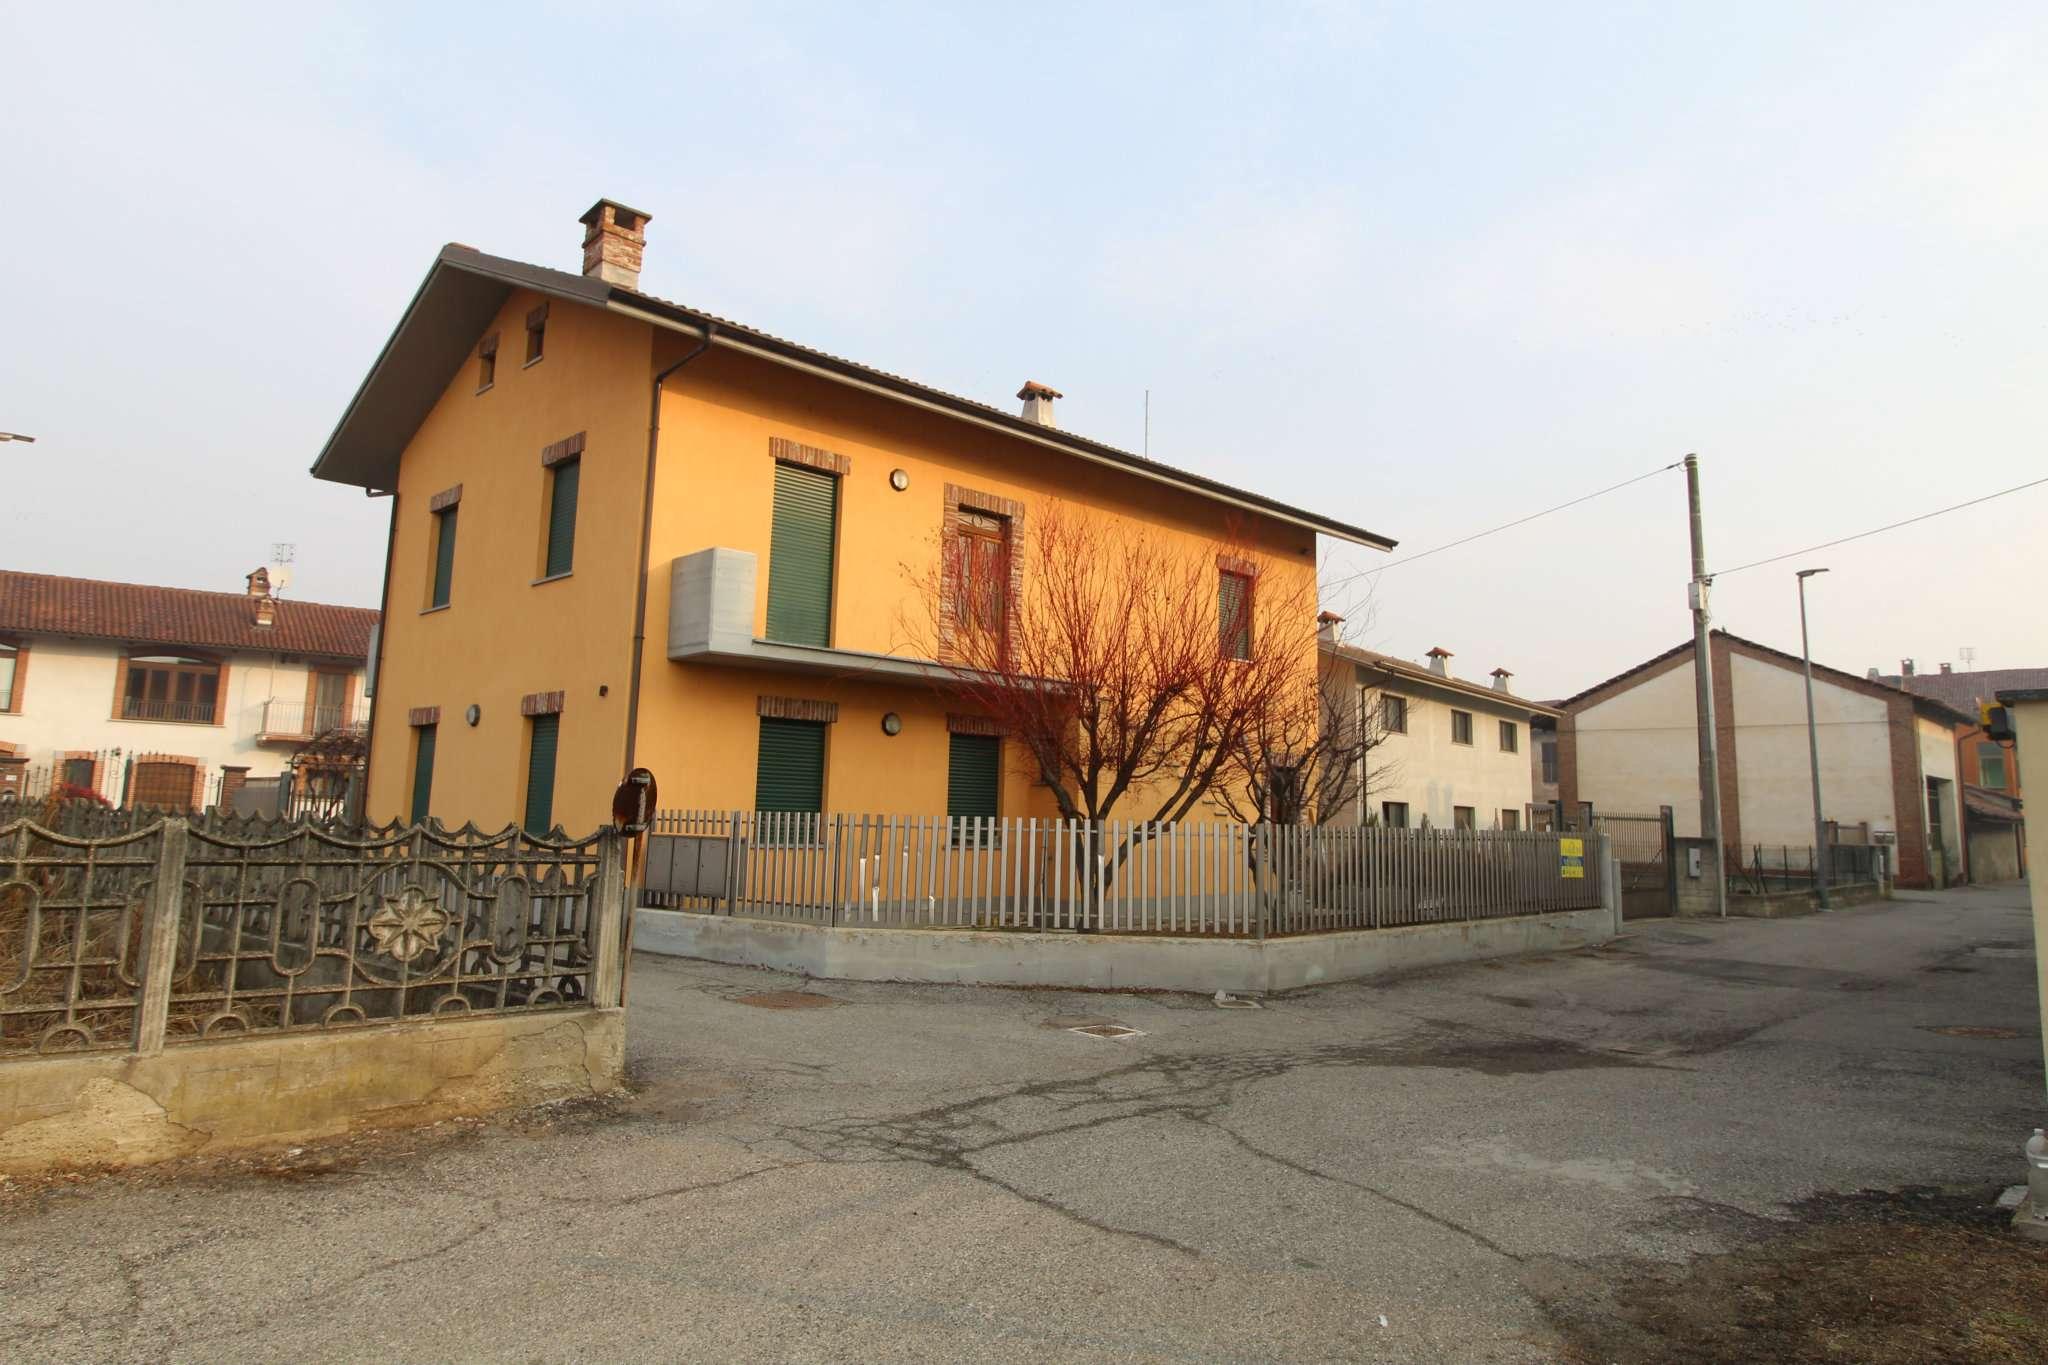 Soluzione Indipendente in vendita a Castagnole Piemonte, 5 locali, prezzo € 259.000 | CambioCasa.it